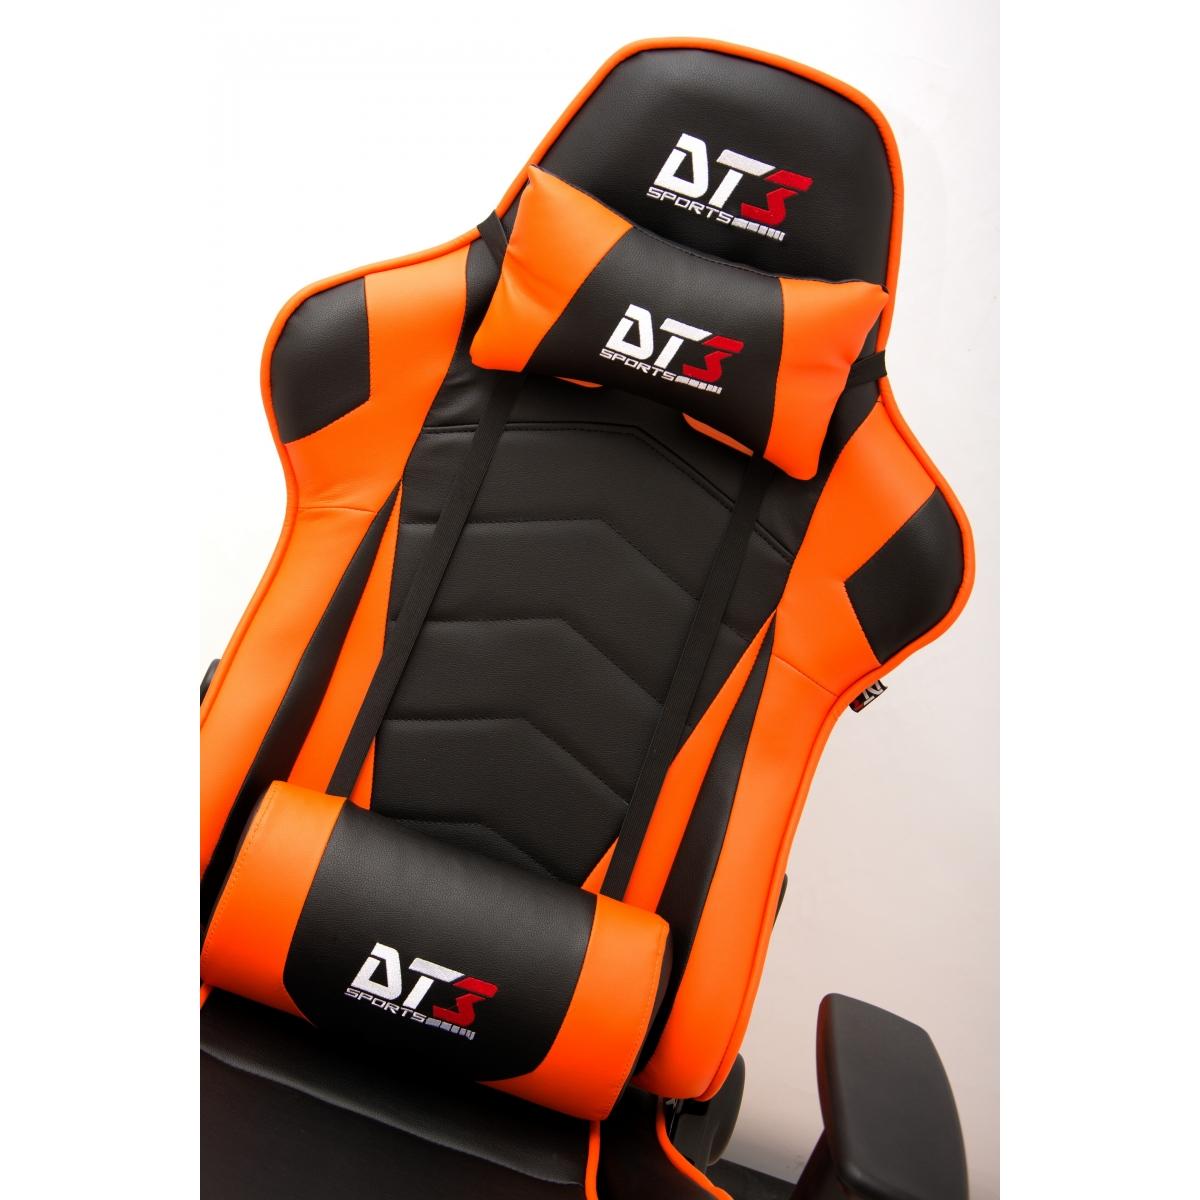 Cadeira Gamer DT3Sports Mizano, Black-Orange